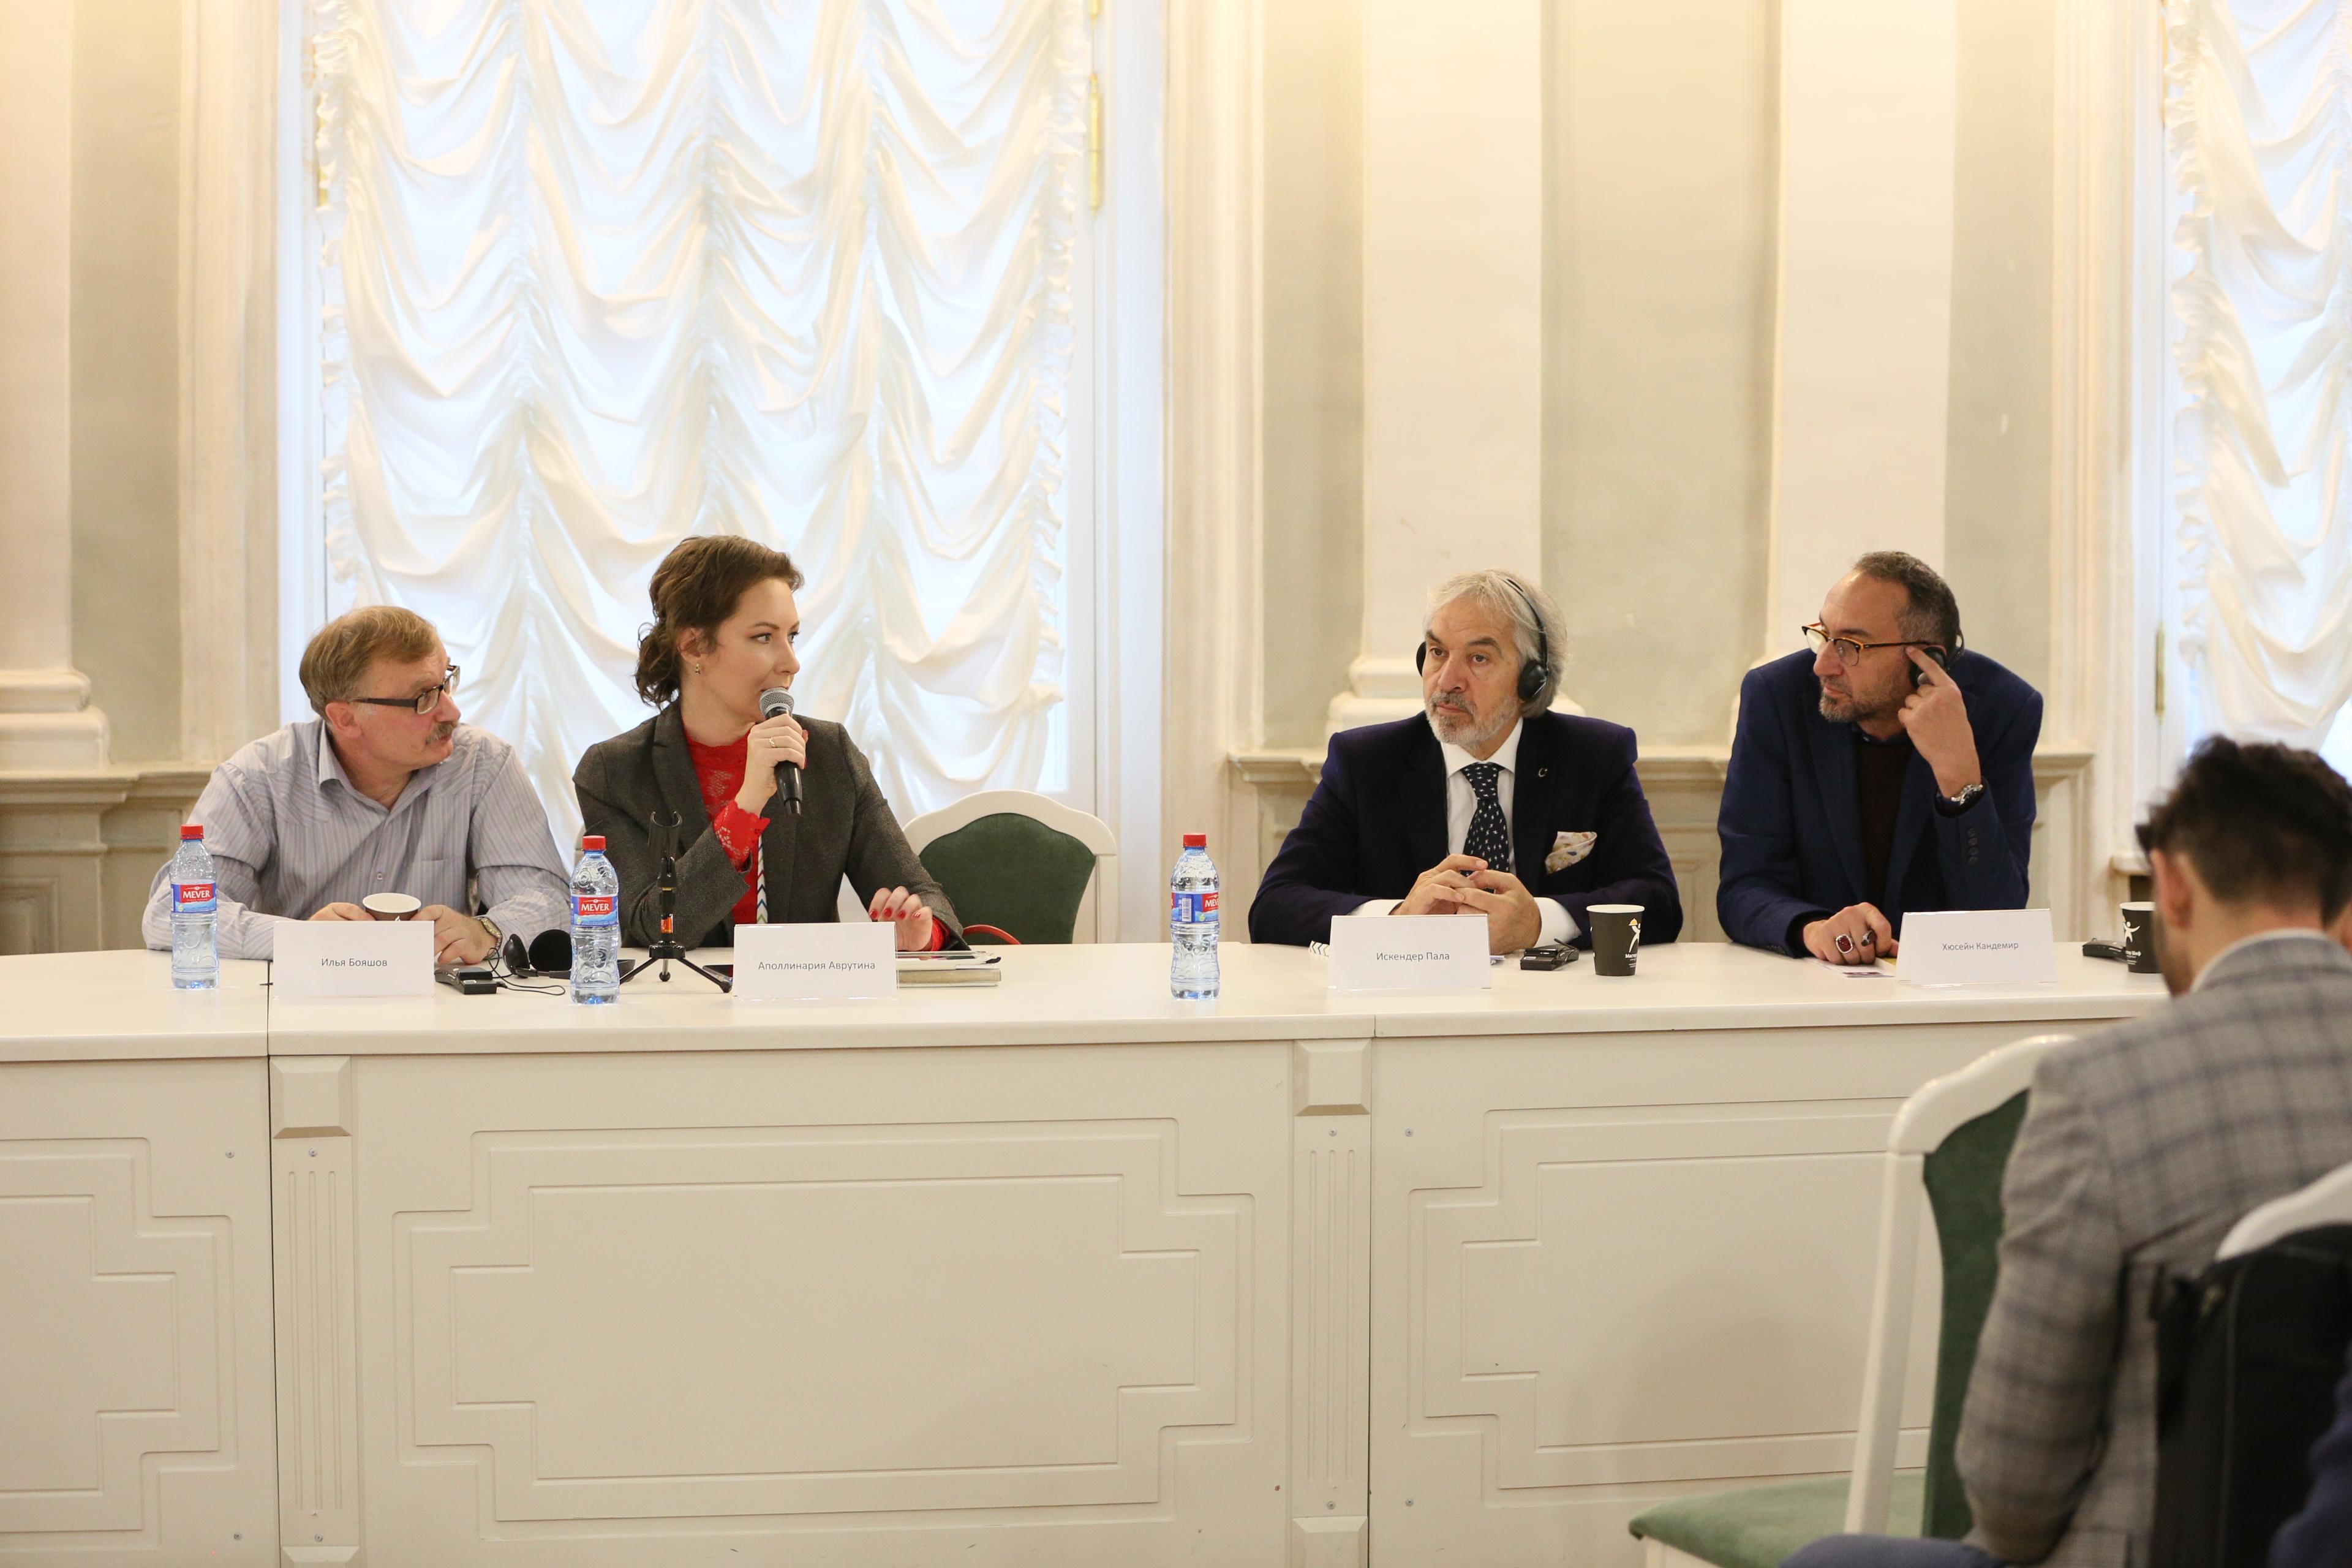 Литературные и культурные связи Стамбула и Петербурга обсудили на МКФ